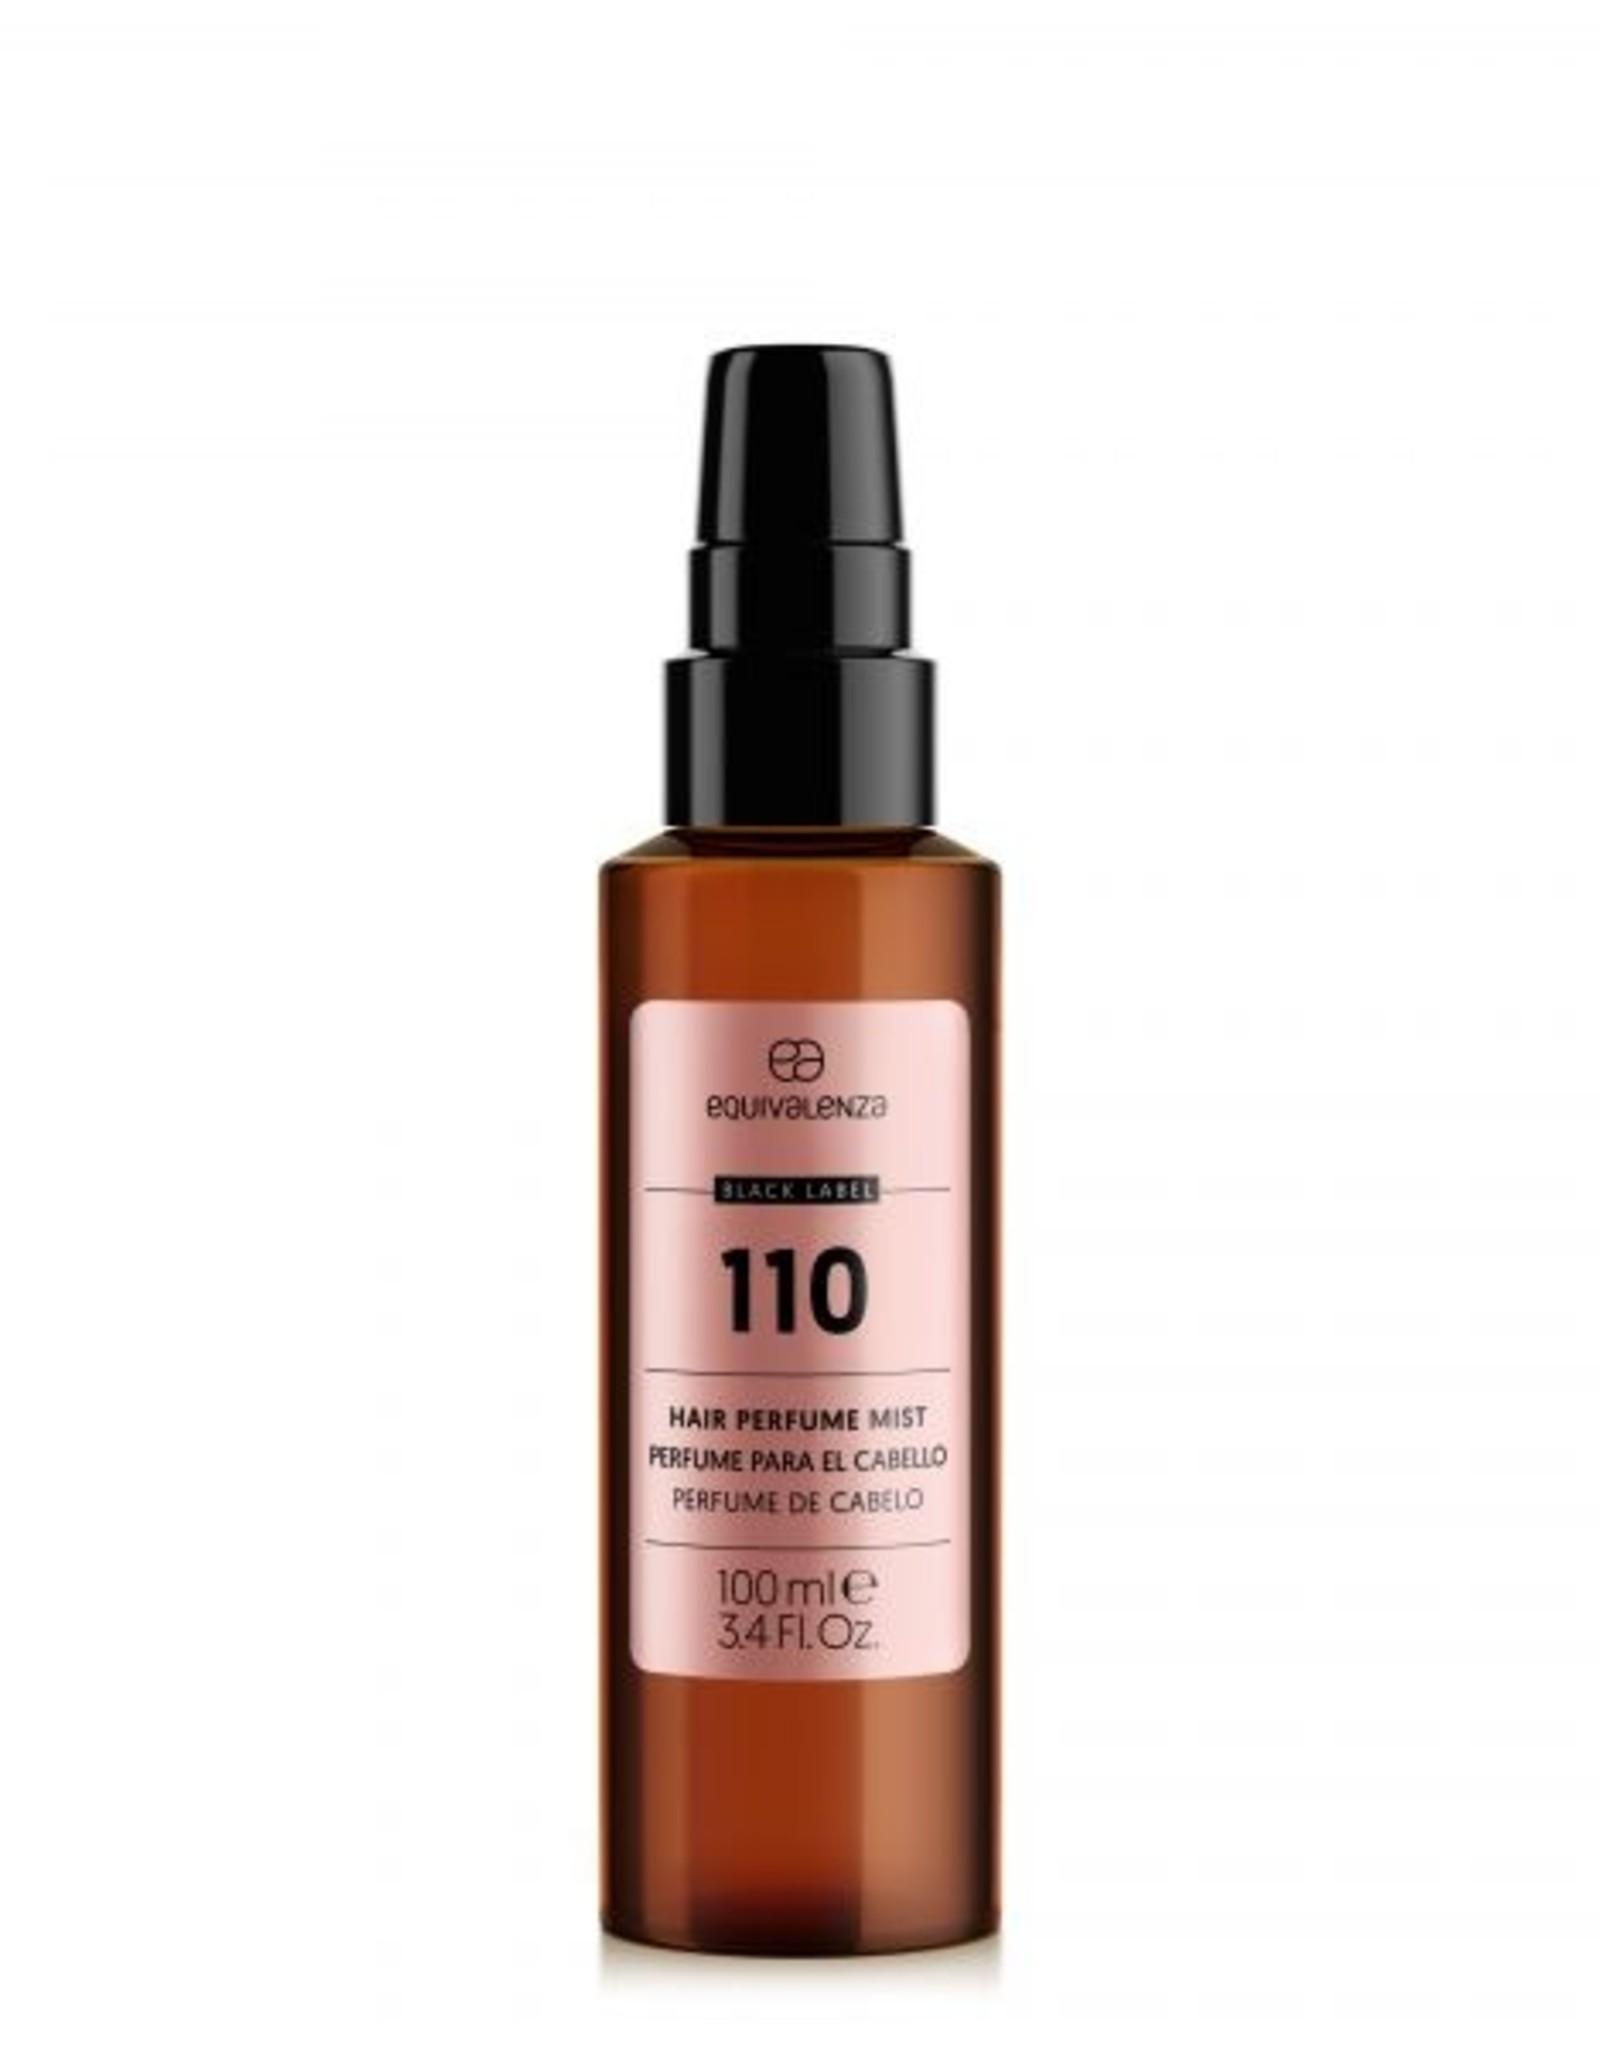 Equivalenza Parfum pour les Cheveux Black Label 110